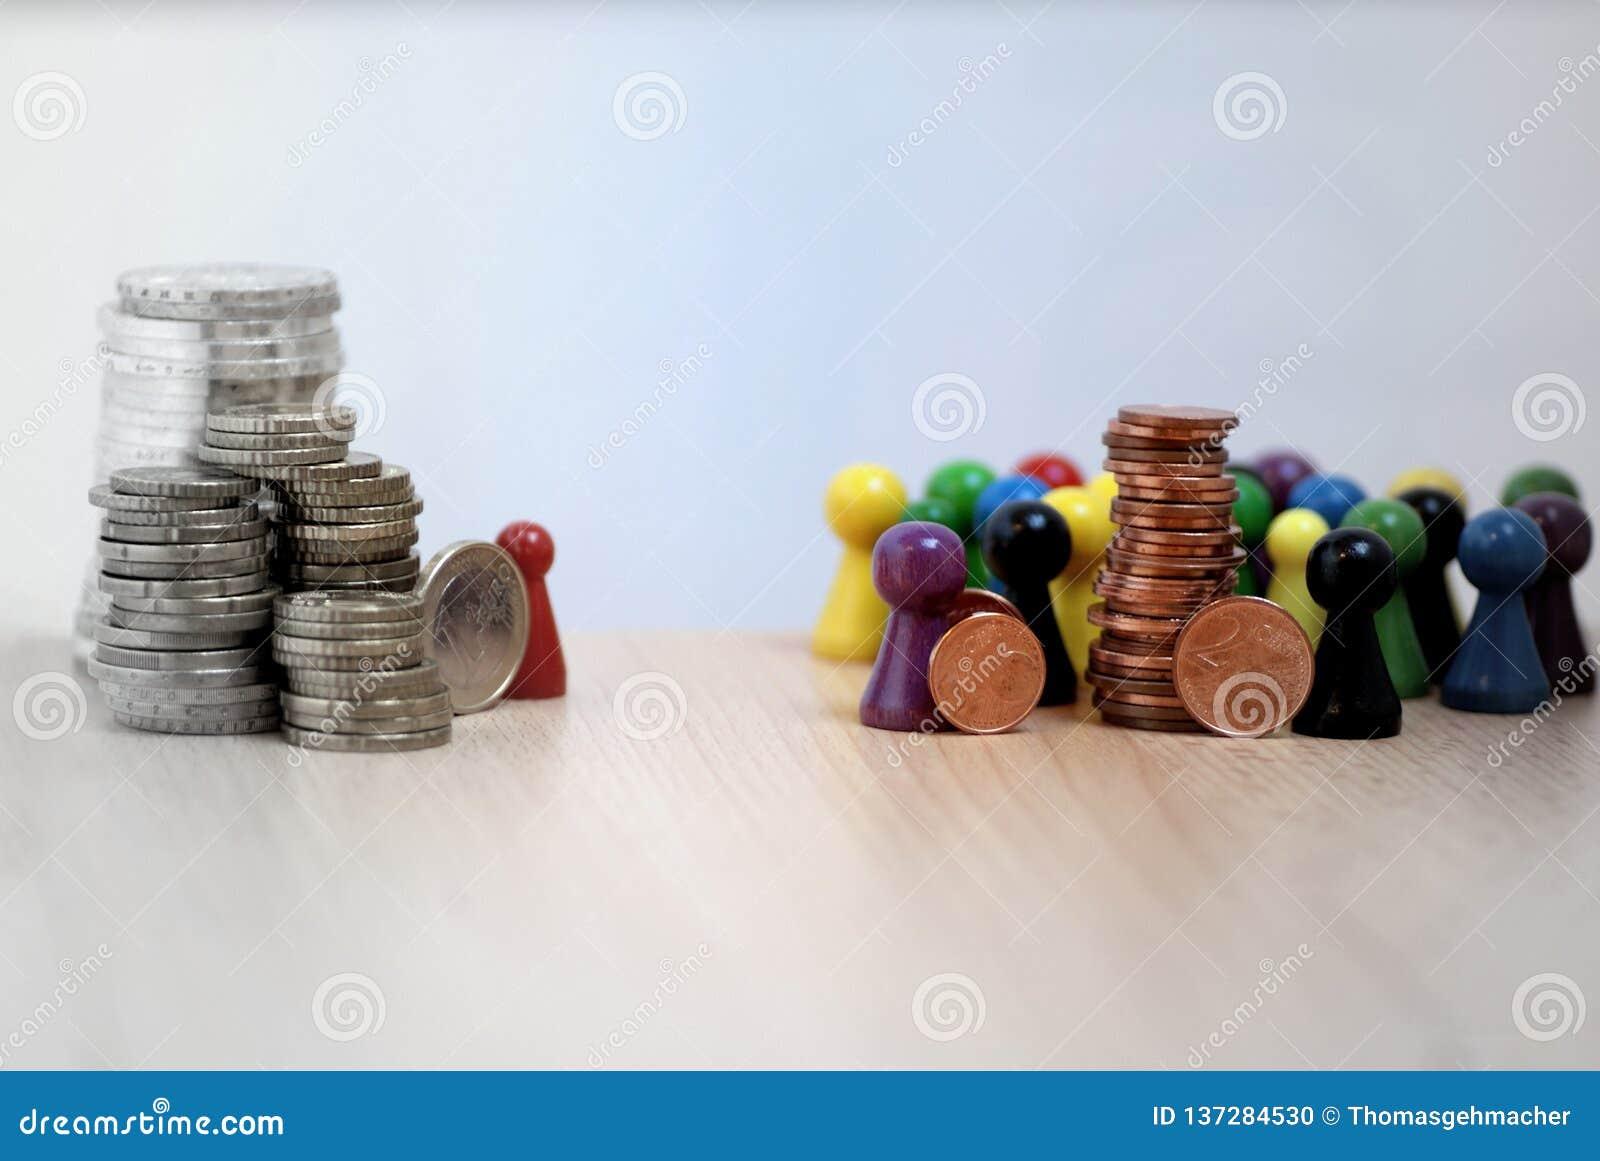 Distribución desigual del dinero en imagen juguetona del capitalismo